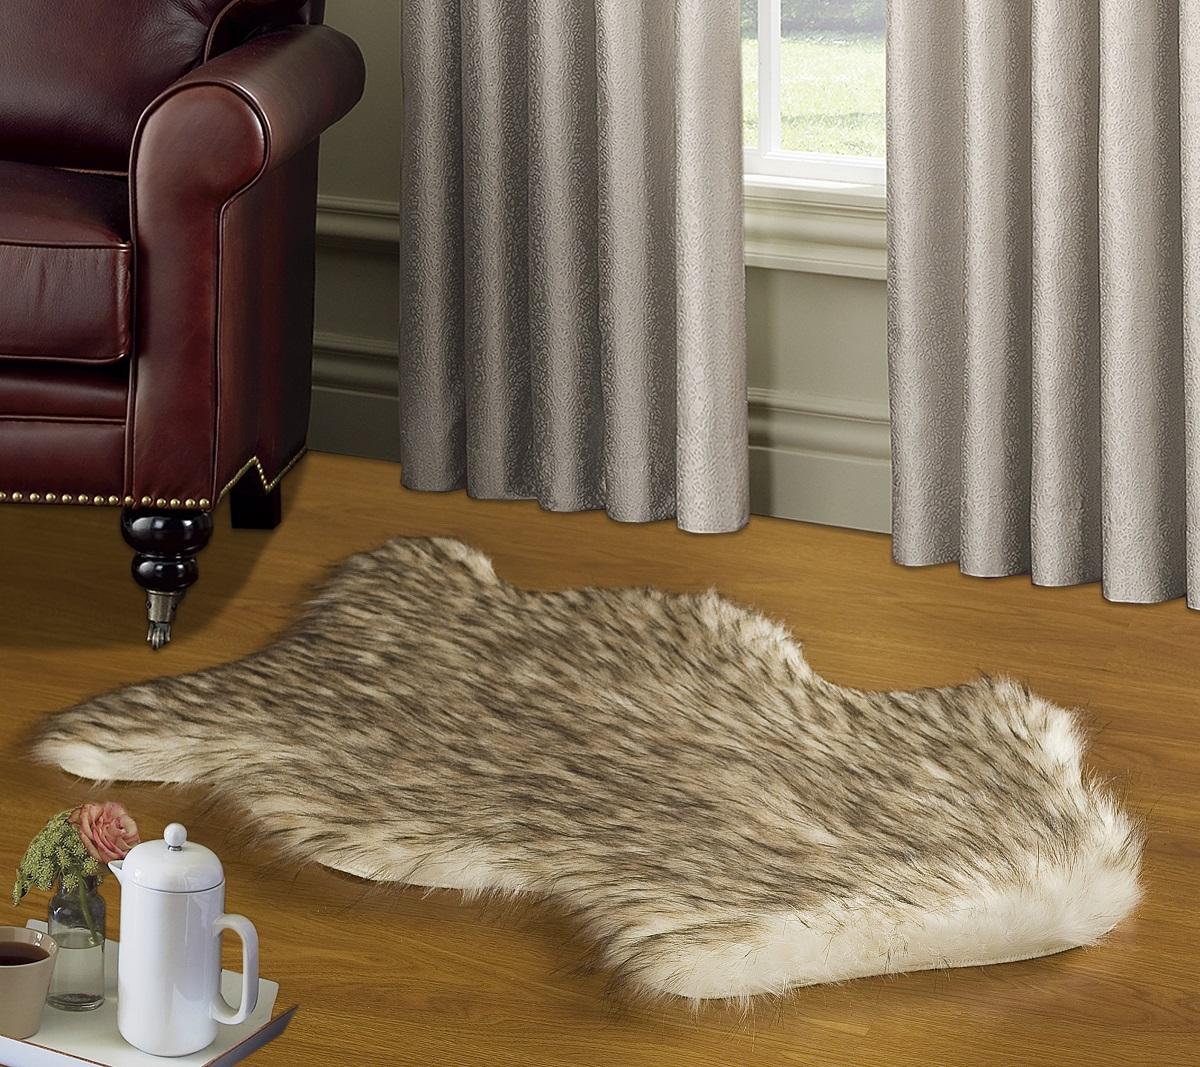 Коврик Modalin Manal, цвет: бежевый, 50 х 90 см5006/CHAR001Коврик Modalin Manal выполнен из искусственного меха. Изделие долго прослужит в вашем доме, добавляя тепло и уют, а также внесет неповторимый колорит в интерьер.